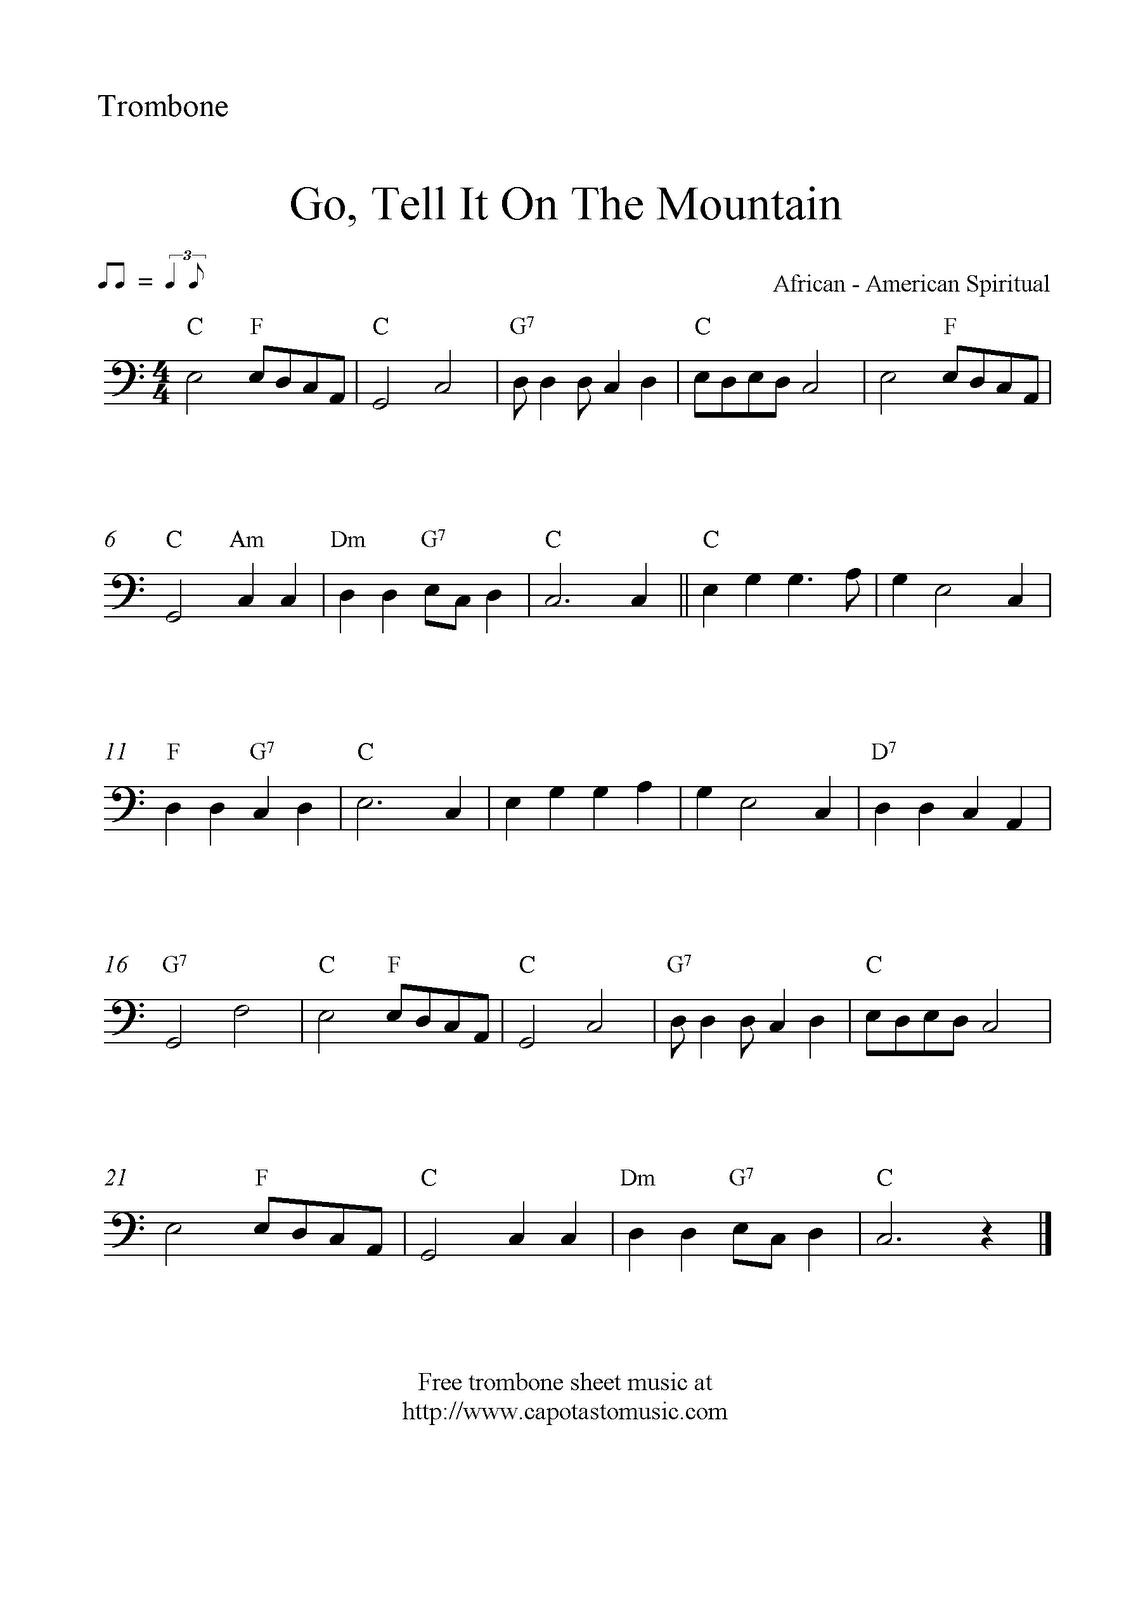 Go, Tell It On The Mountain, Free Christmas Trombone Sheet Music Notes - Trombone Christmas Sheet Music Free Printable